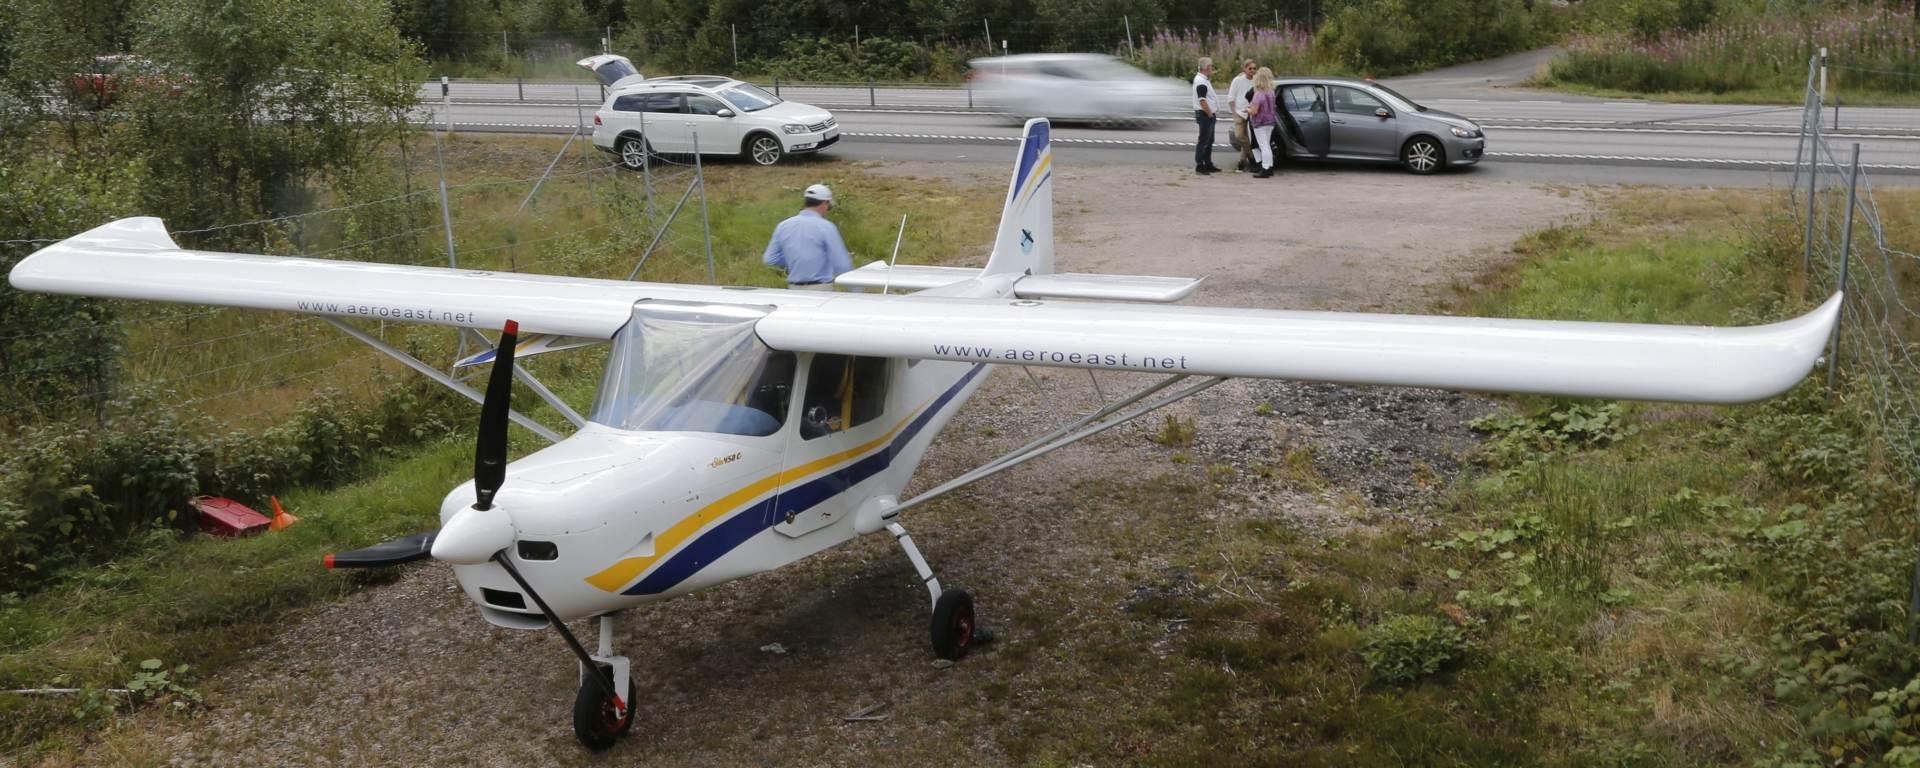 VOZAČI GA POGURALI: Manji zrakoplov sletio na autocestu u Švedskoj